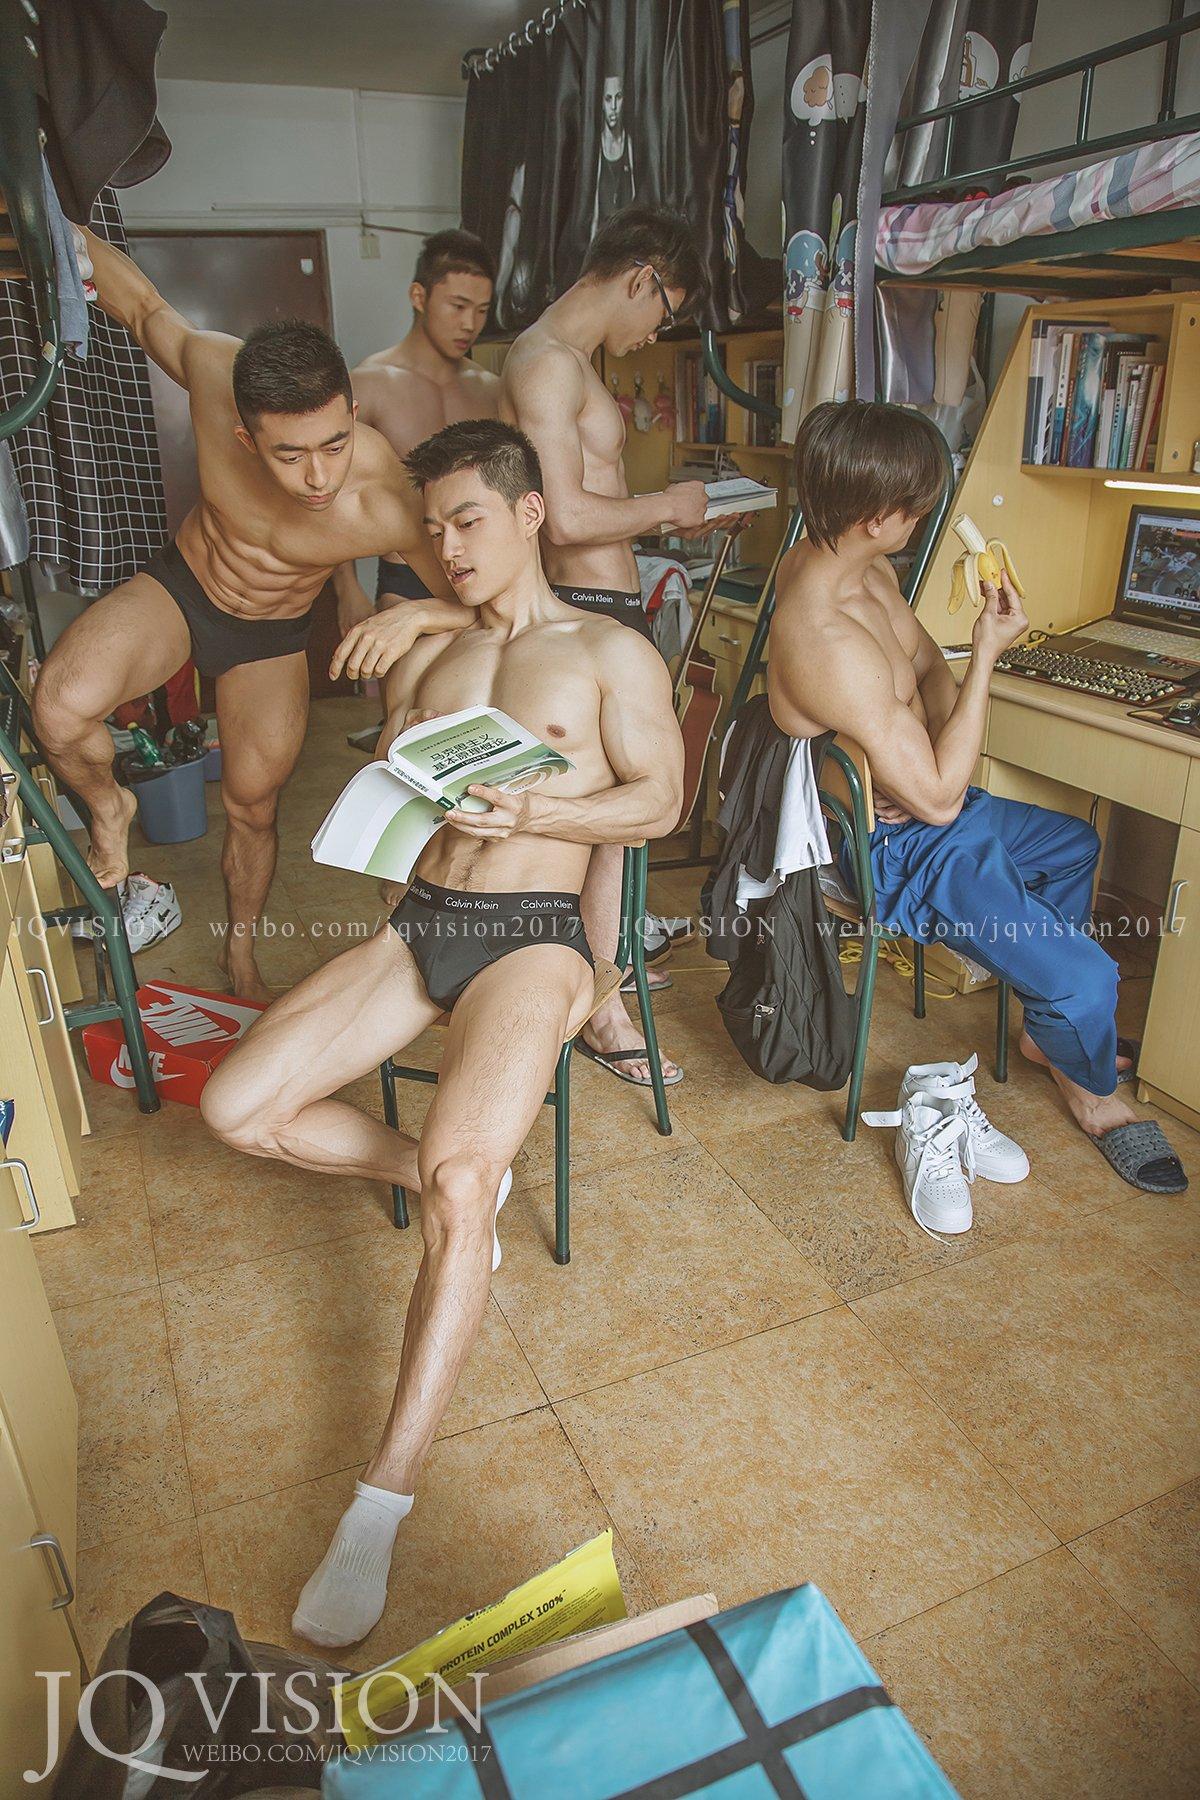 女孩开动喽!摄影师拍摄《男生宿舍写真》极致肉宴让你感受肌情的风味!